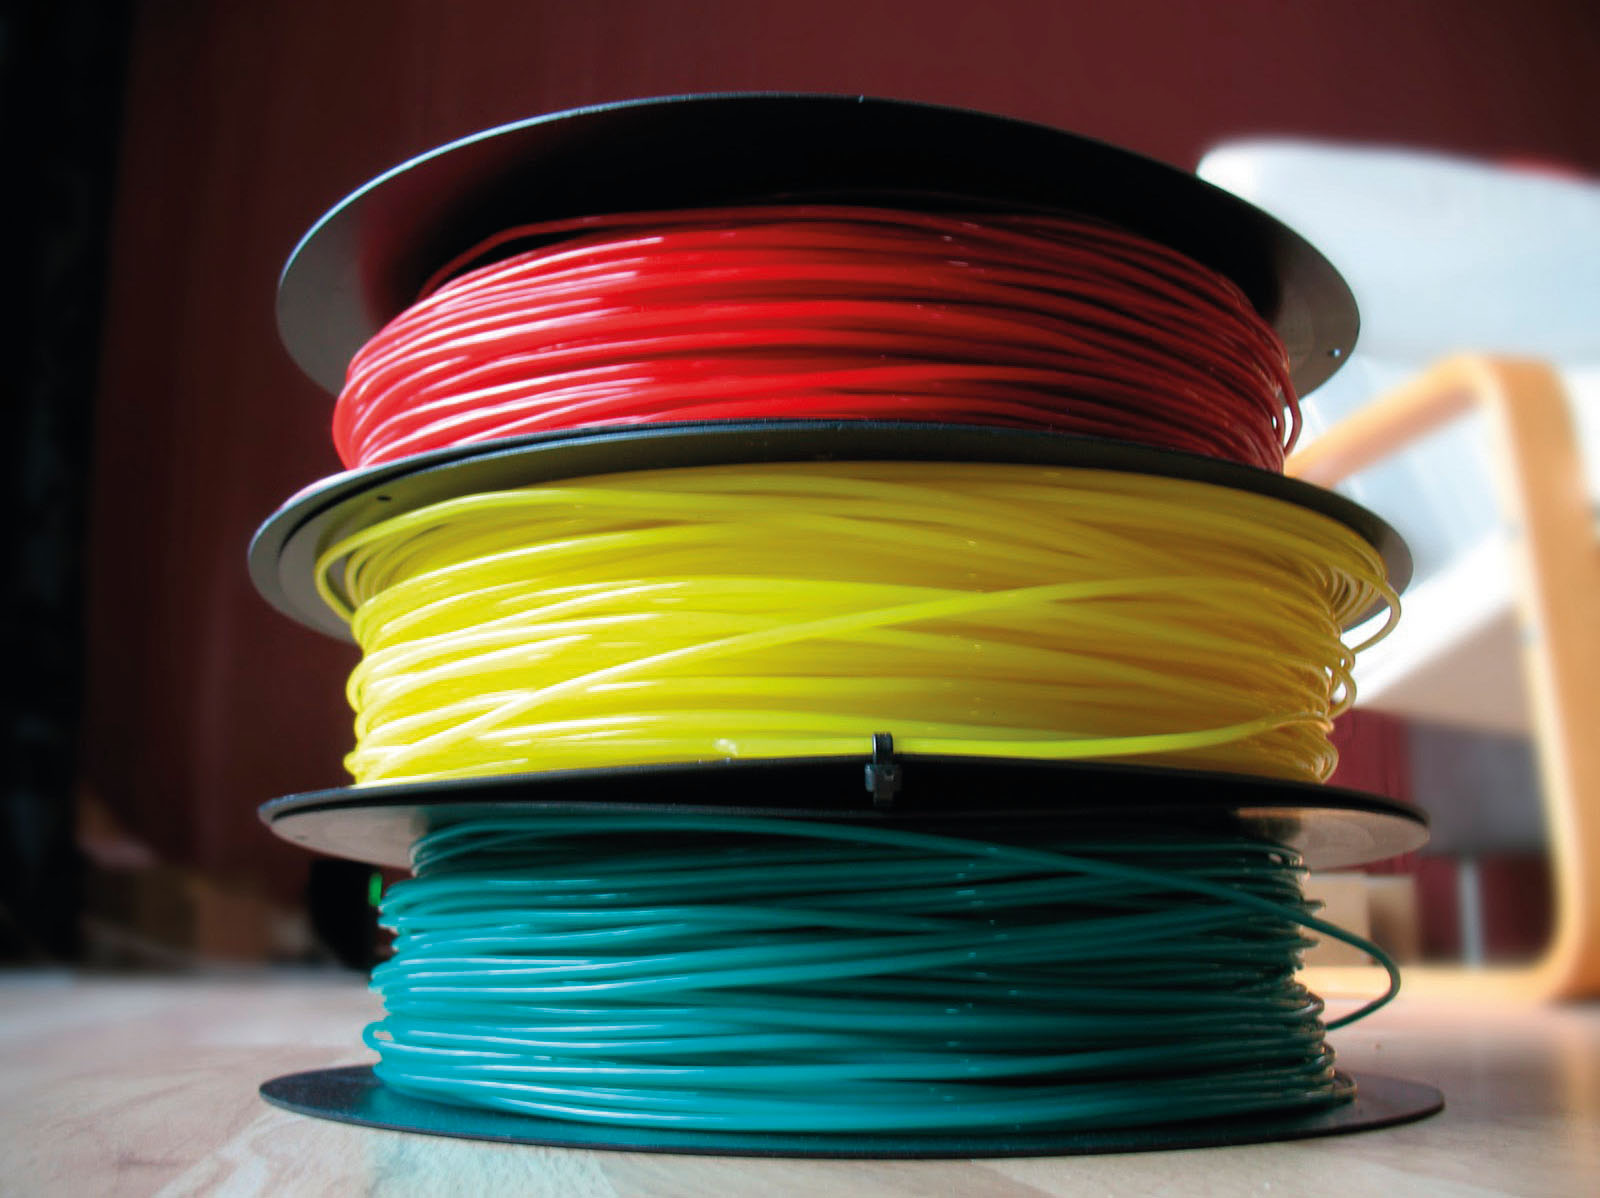 Les plastiques pour l impression 3d serialmakers - Filament imprimante 3d ...